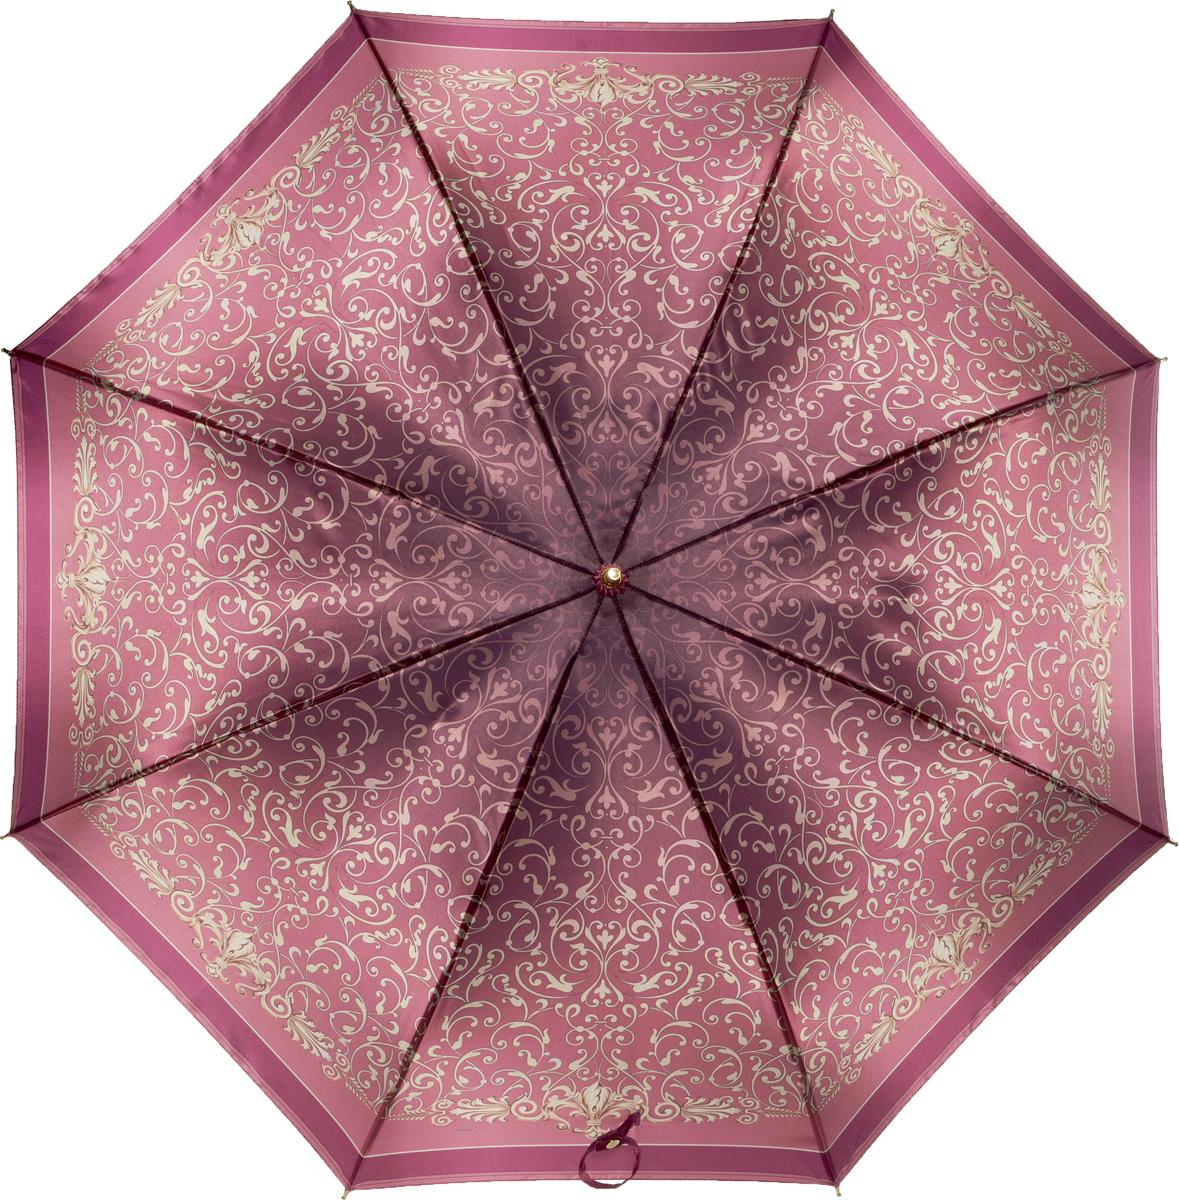 Зонт-трость женский Fabretti, механика, цвет: бордовый. 1606REM12-CAM-GREENBLACKЖенский зонт-трость от итальянского бренда Fabretti. Конструкция модели - механика. Эксклюзивный дизайнерский принт зонта сделает вас неотразимыми в любую непогоду. Материал купола - полиэстер. Он невероятно изящен, приятен на ощупь, обладает высокой прочностью, а также устойчив к выцветанию. Эргономичная ручка сделана из высококачественного пластика.